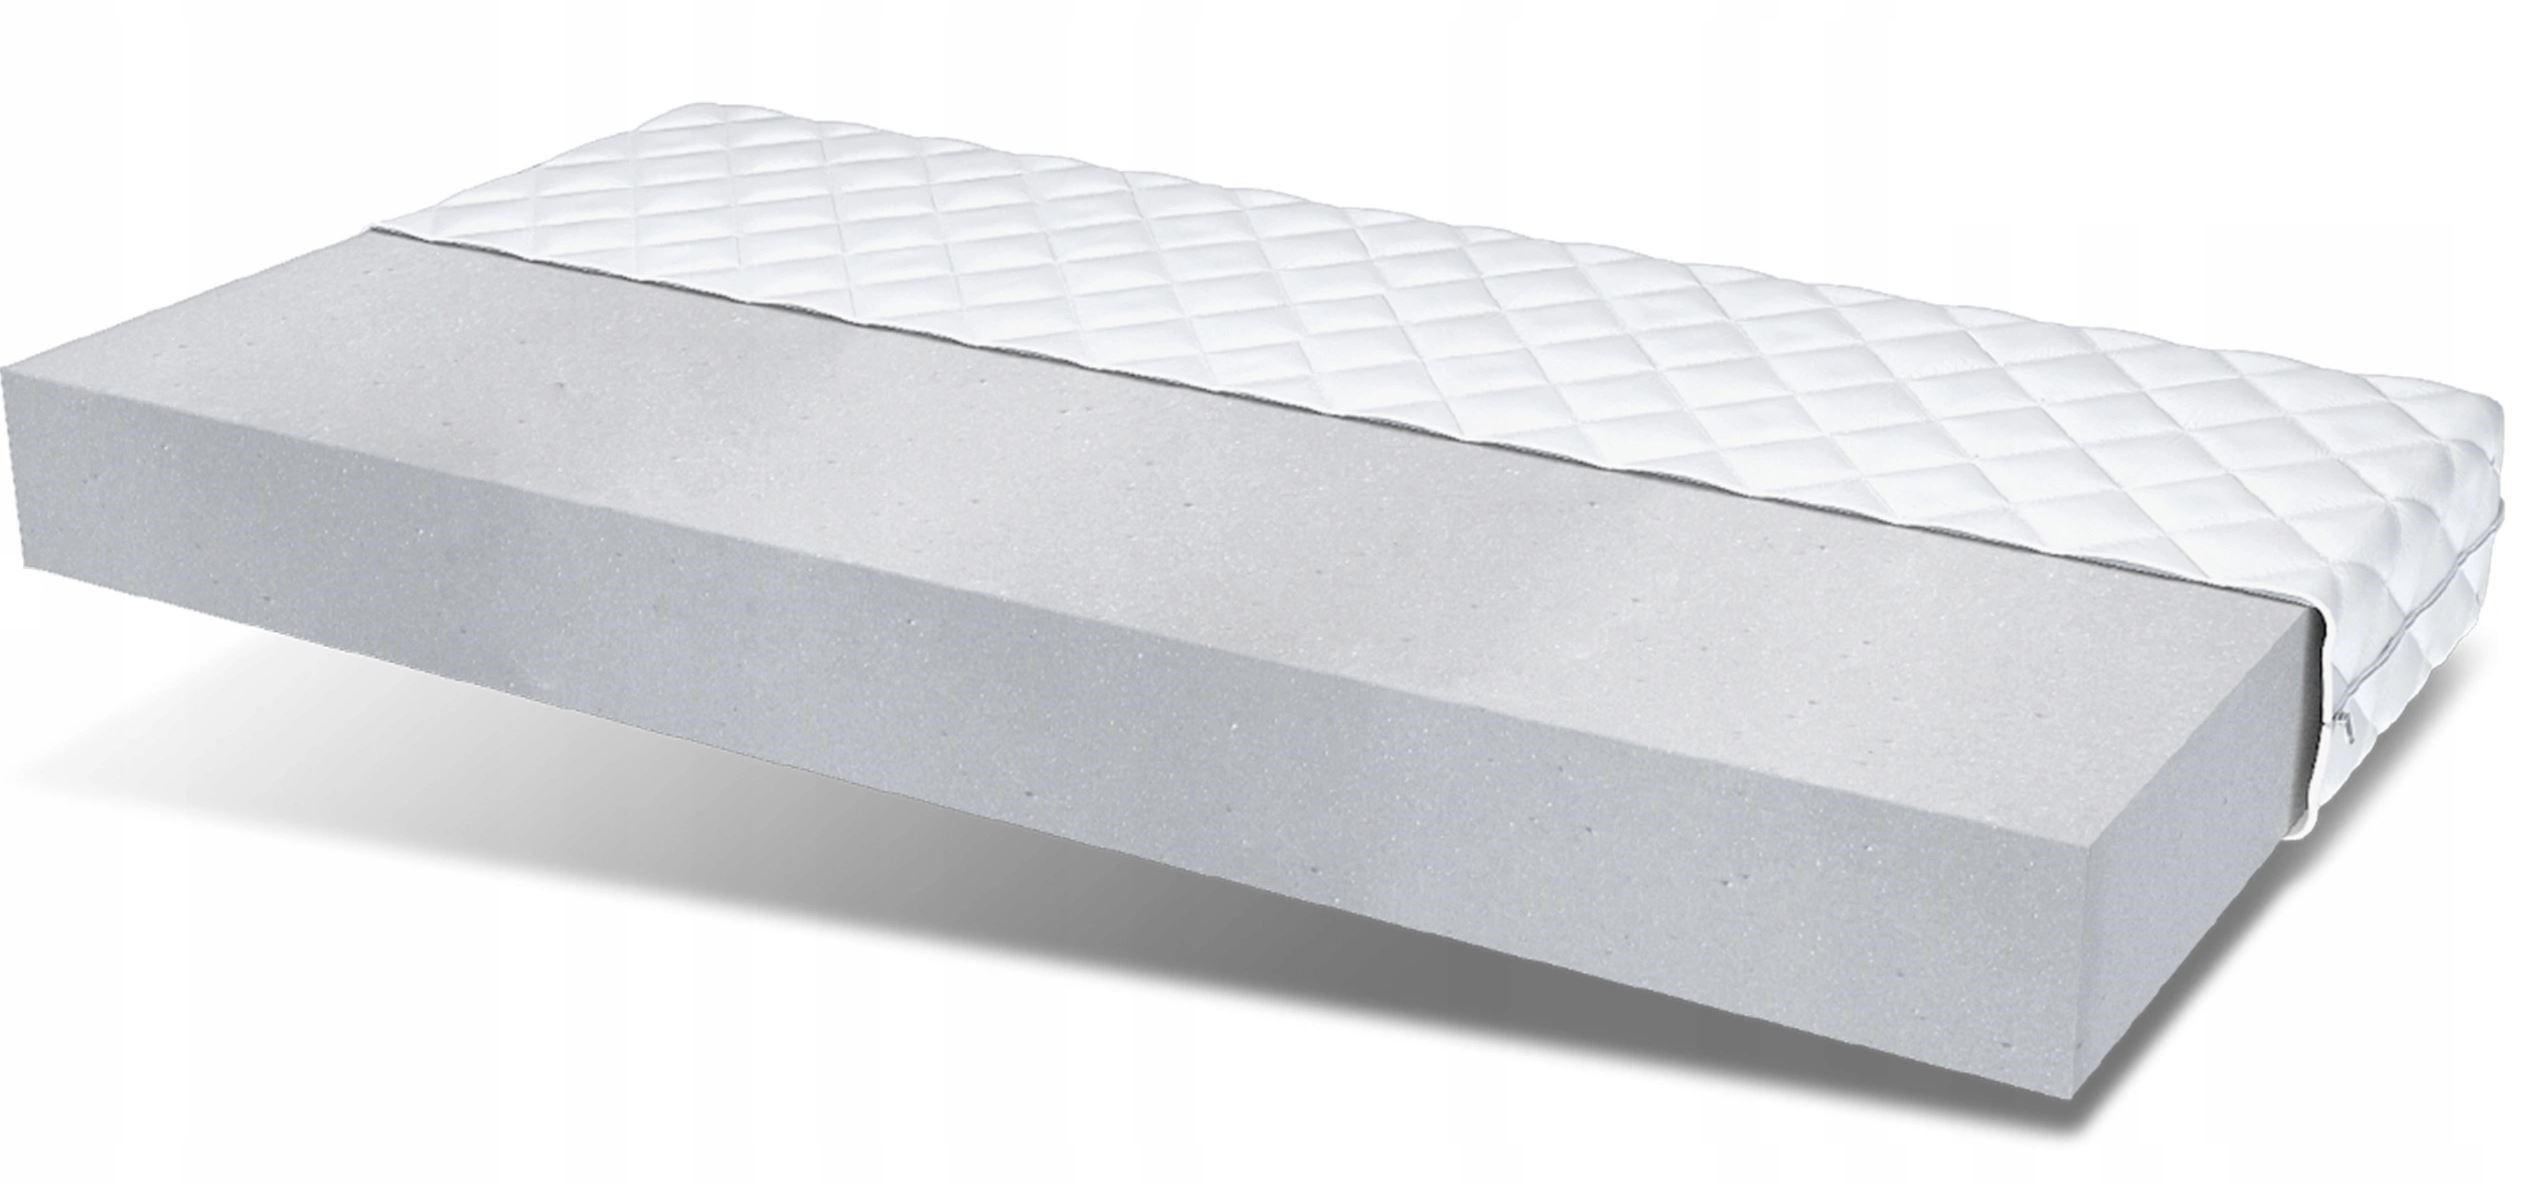 Dětská matrace Classic 120x60x9 cm